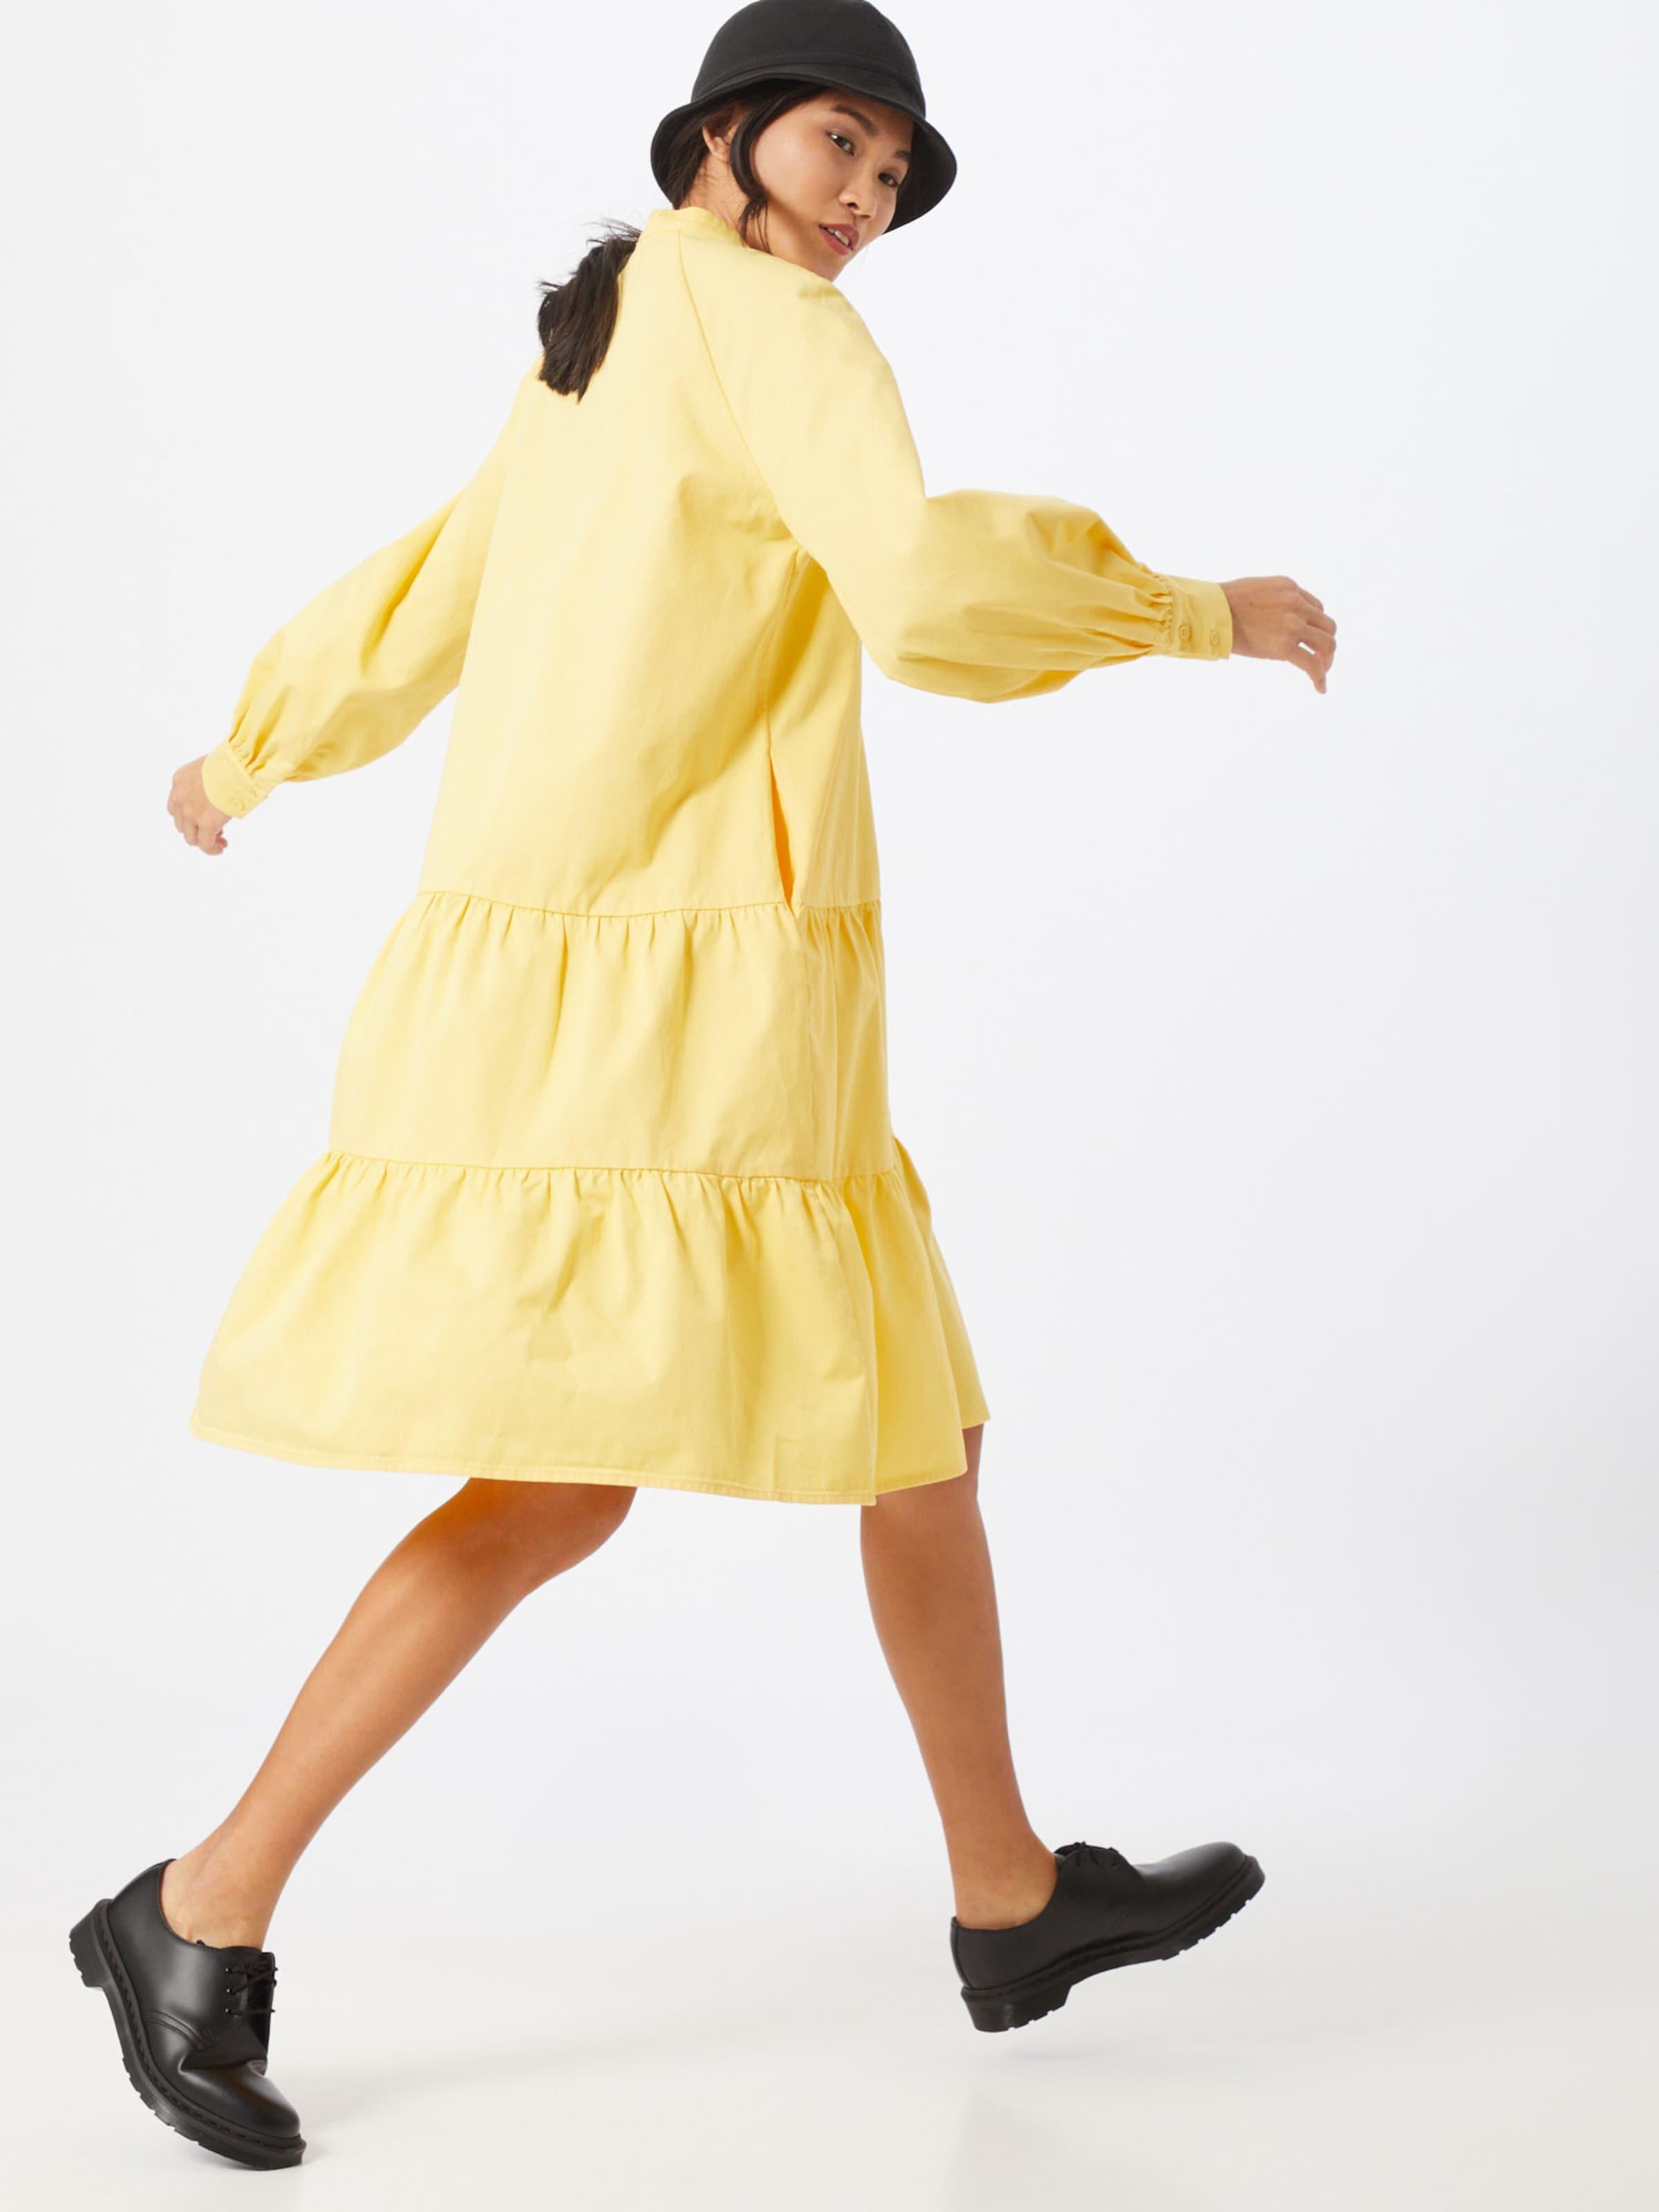 Crās Sommarklänning 'Luciacras' i gul